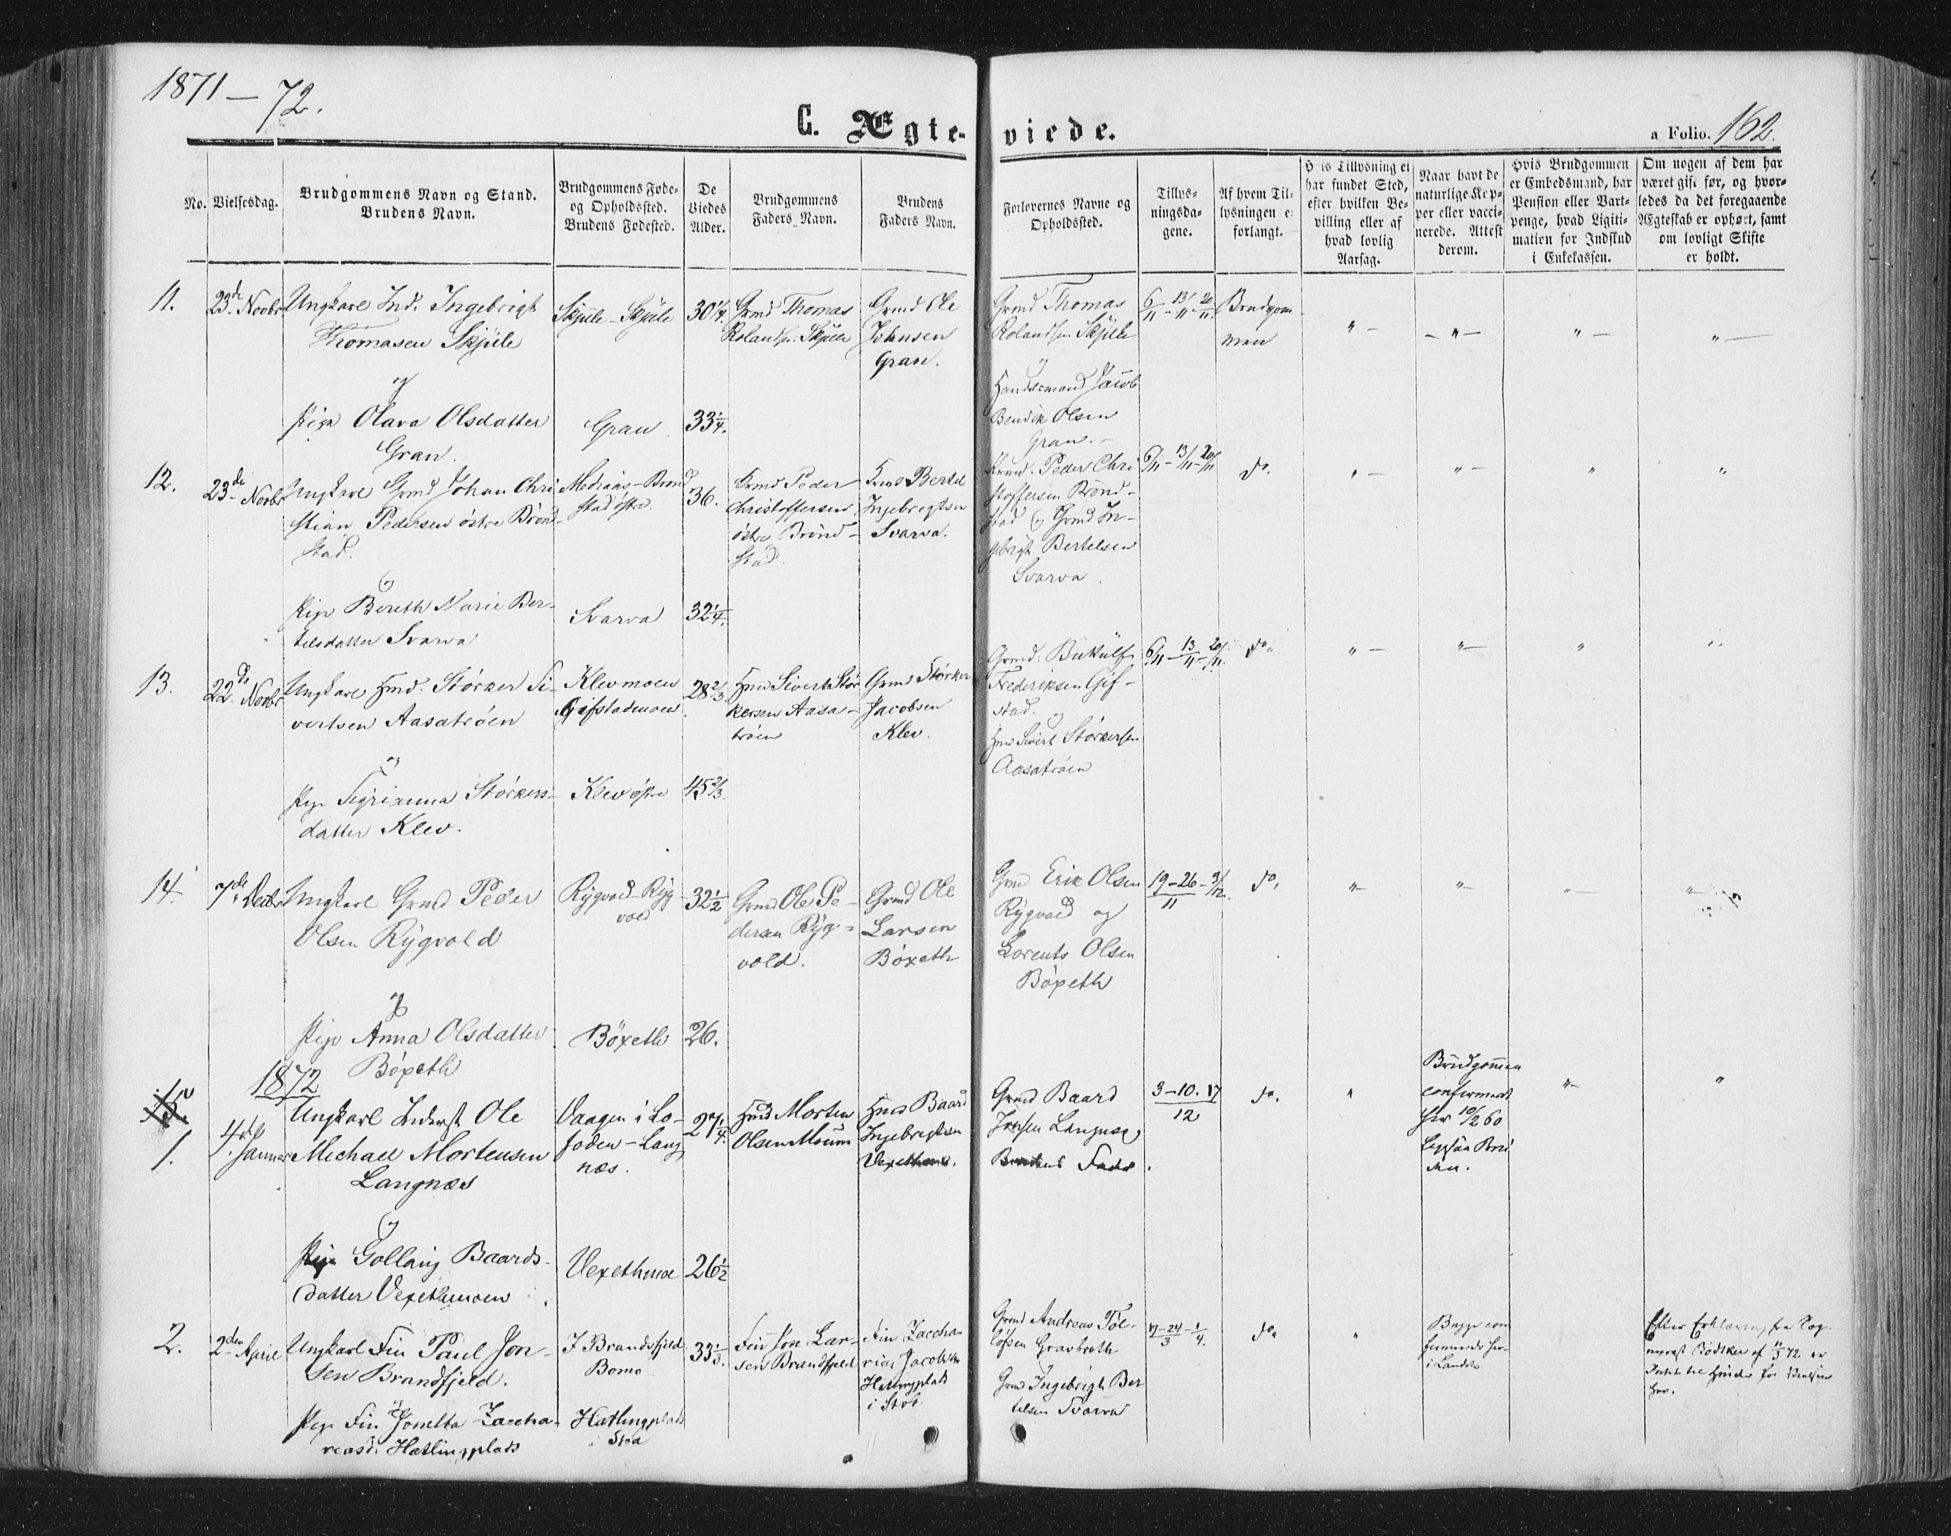 SAT, Ministerialprotokoller, klokkerbøker og fødselsregistre - Nord-Trøndelag, 749/L0472: Ministerialbok nr. 749A06, 1857-1873, s. 162